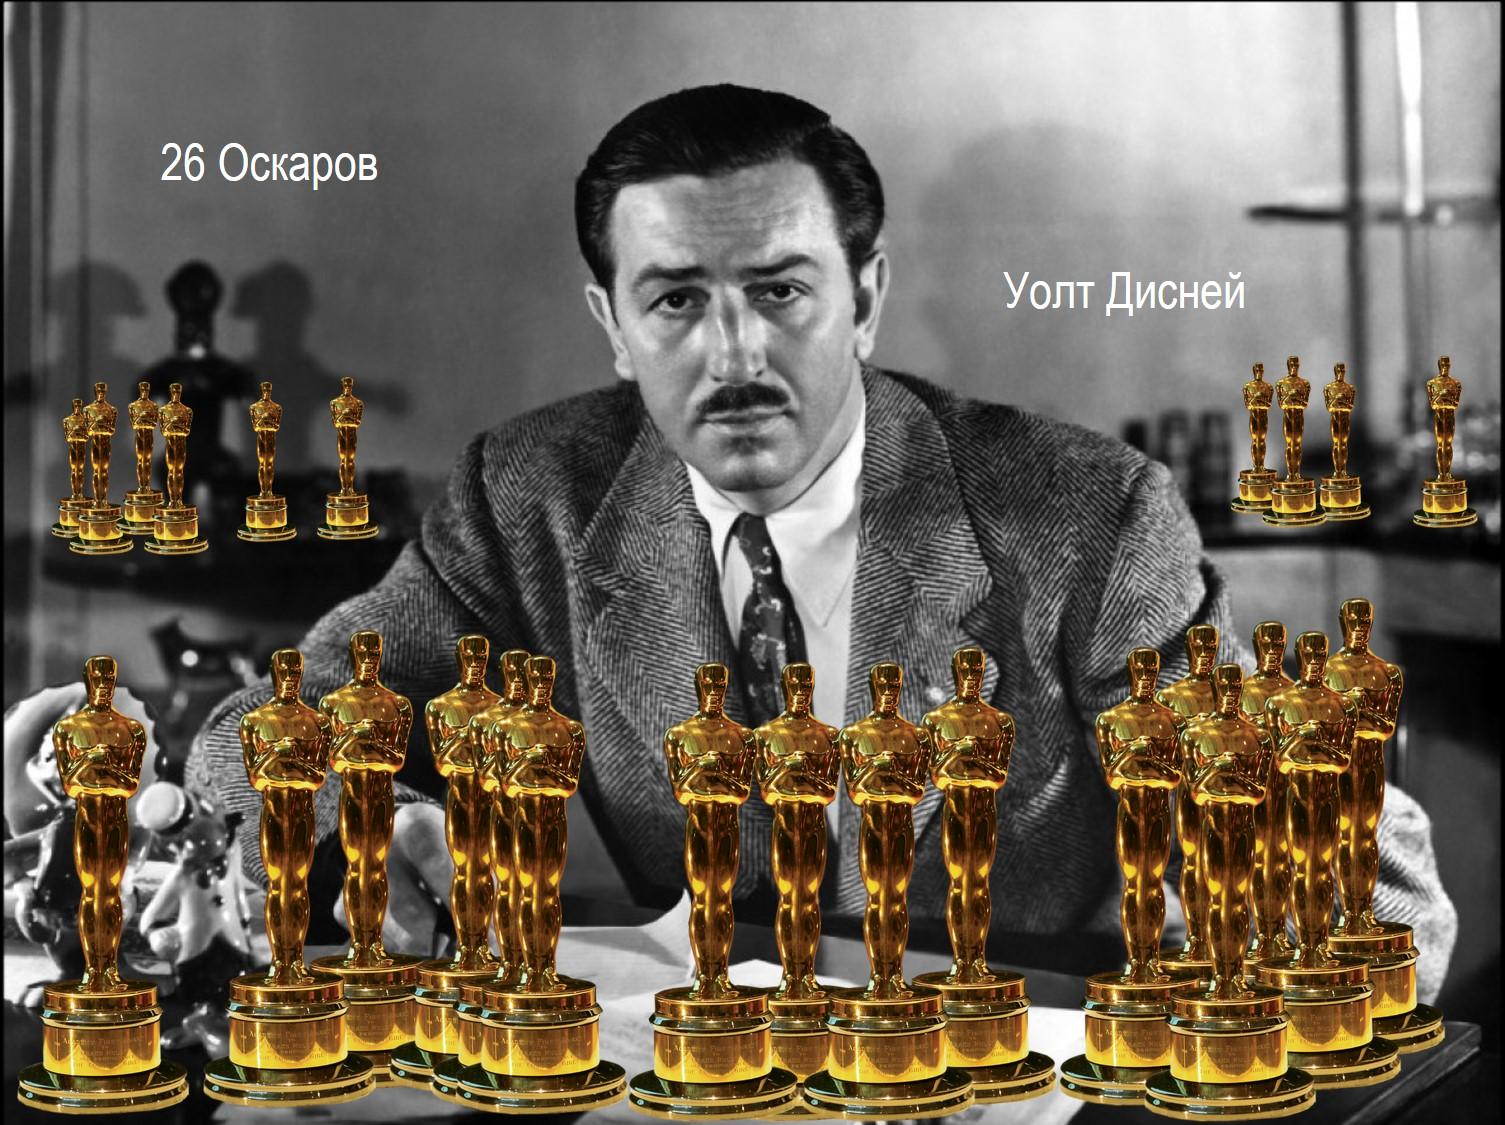 Найбільше Оскарів отримав Уолт Дісней 26 Оскарів